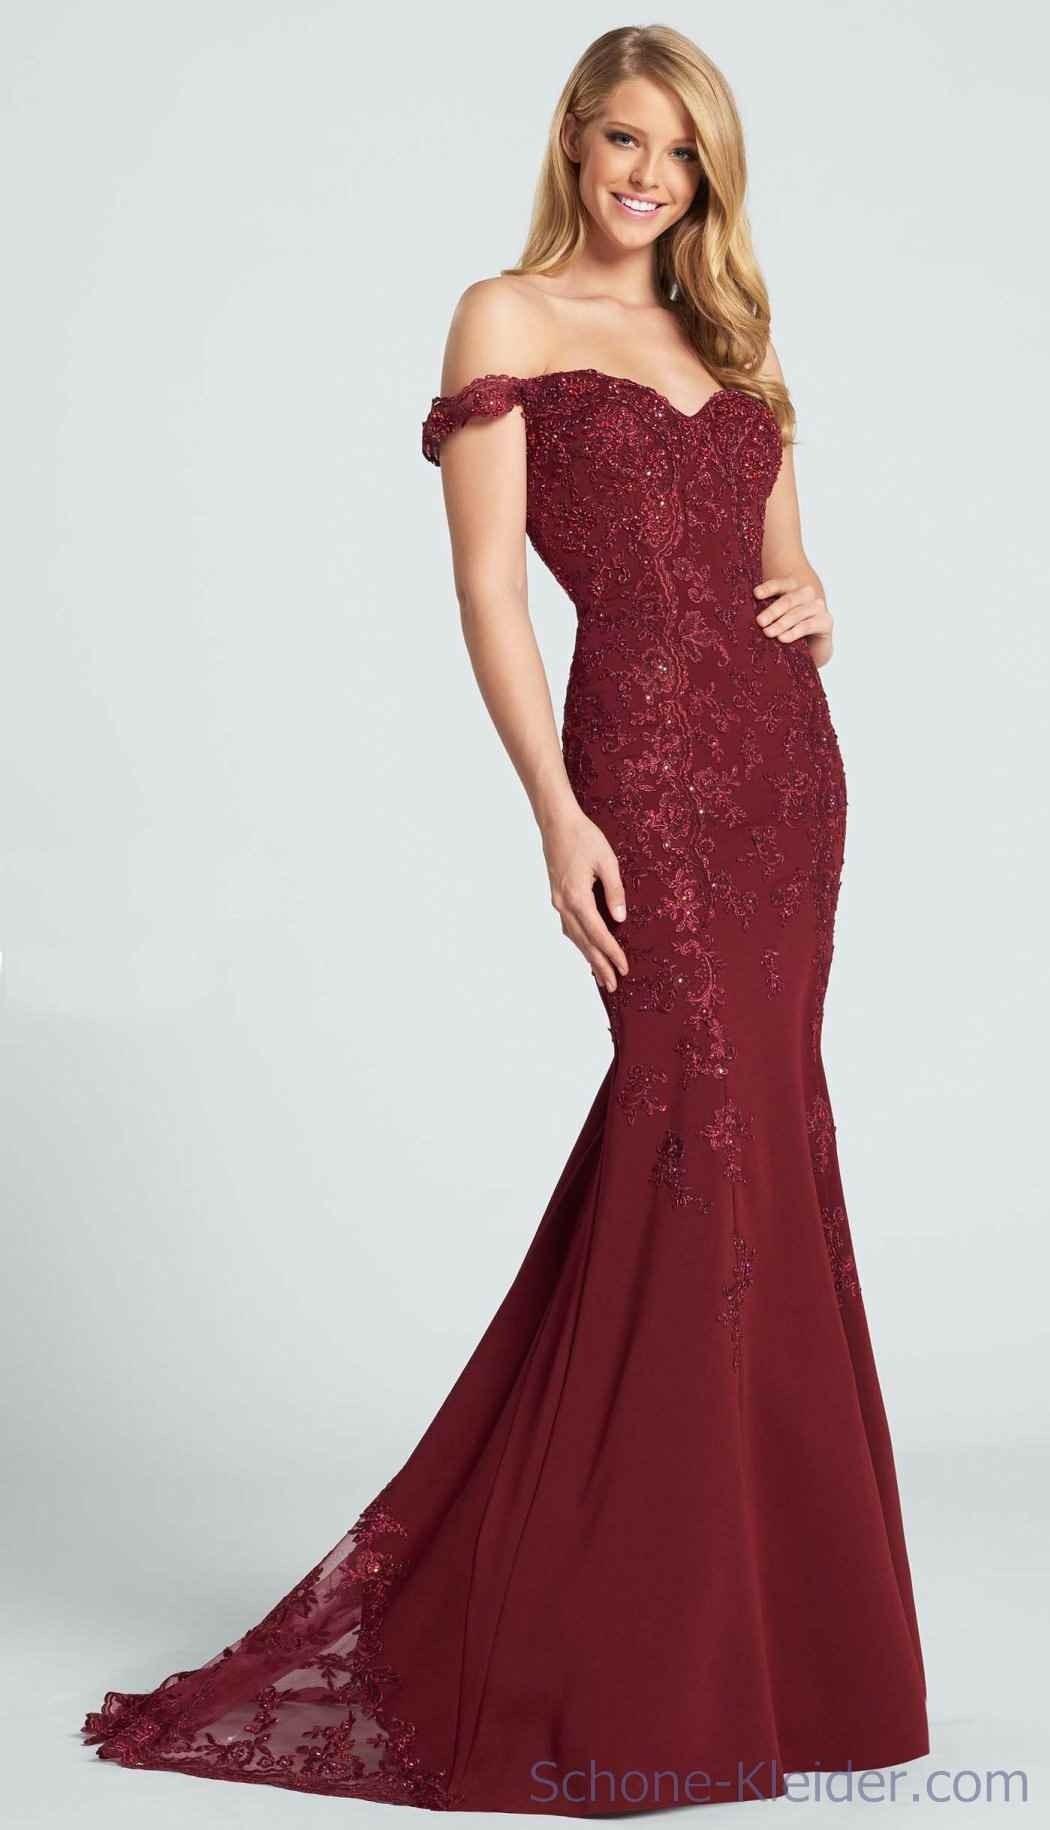 Erstaunlich Kleid Lang Abendkleid BoutiqueDesigner Schön Kleid Lang Abendkleid Spezialgebiet